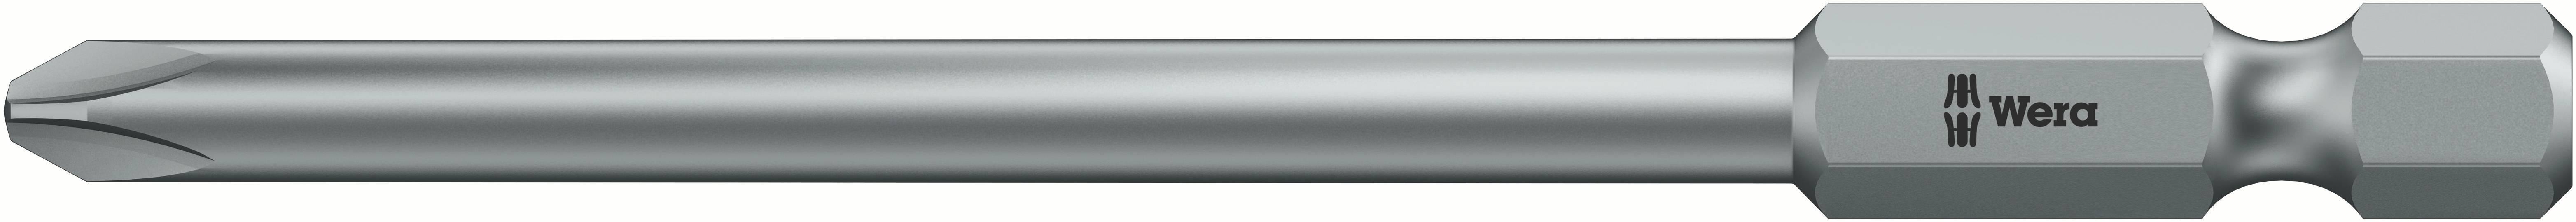 Krížový bit Wera 851/4 Z PH 3 x 89 mm 05059795001, nástrojová oceľ, 1 ks